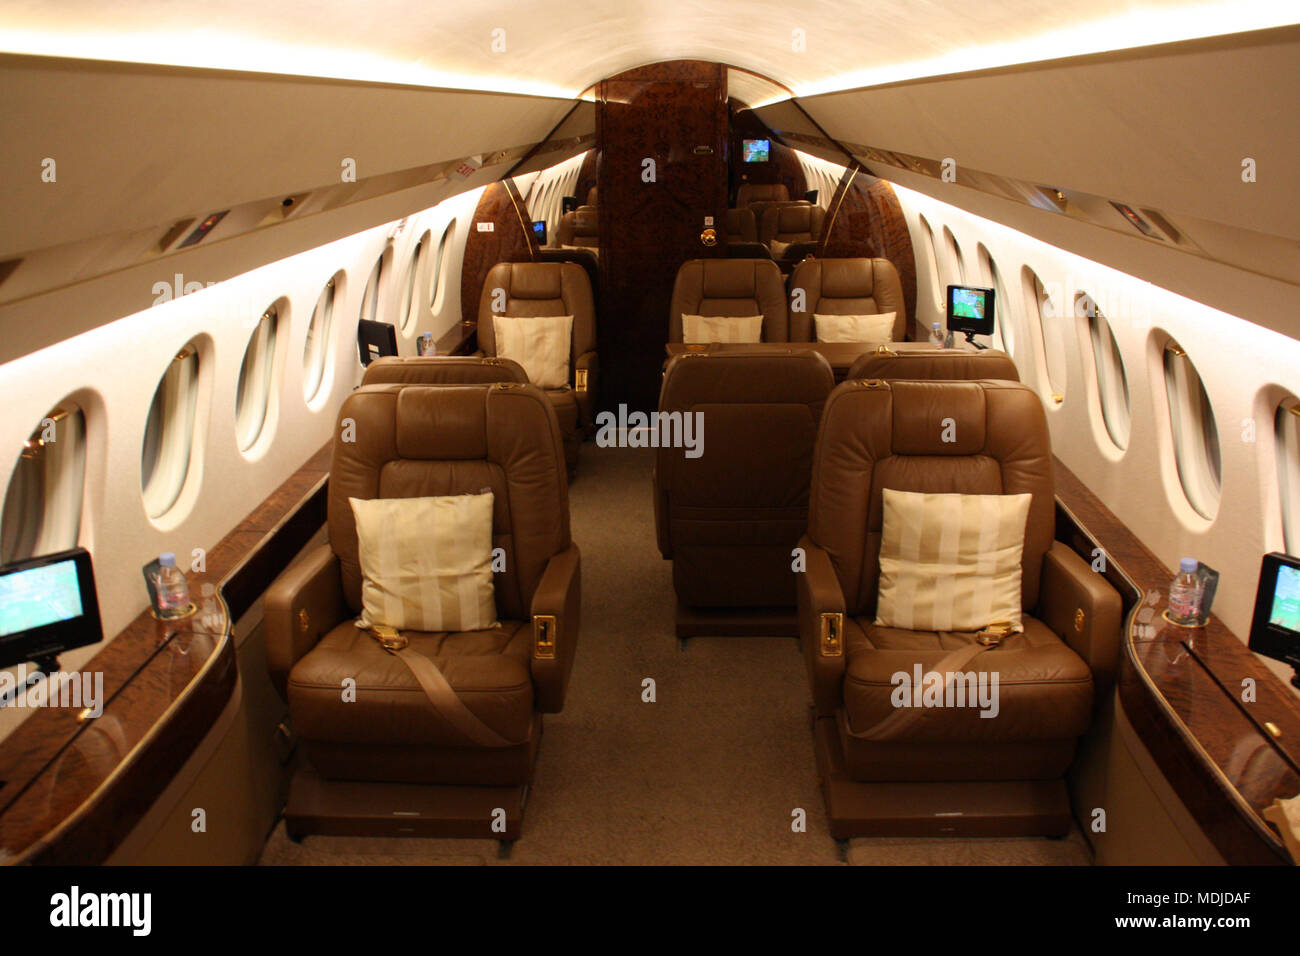 Jet Privato Lussuoso : Lussuosa cabina passeggeri di un falcon jet privato foto